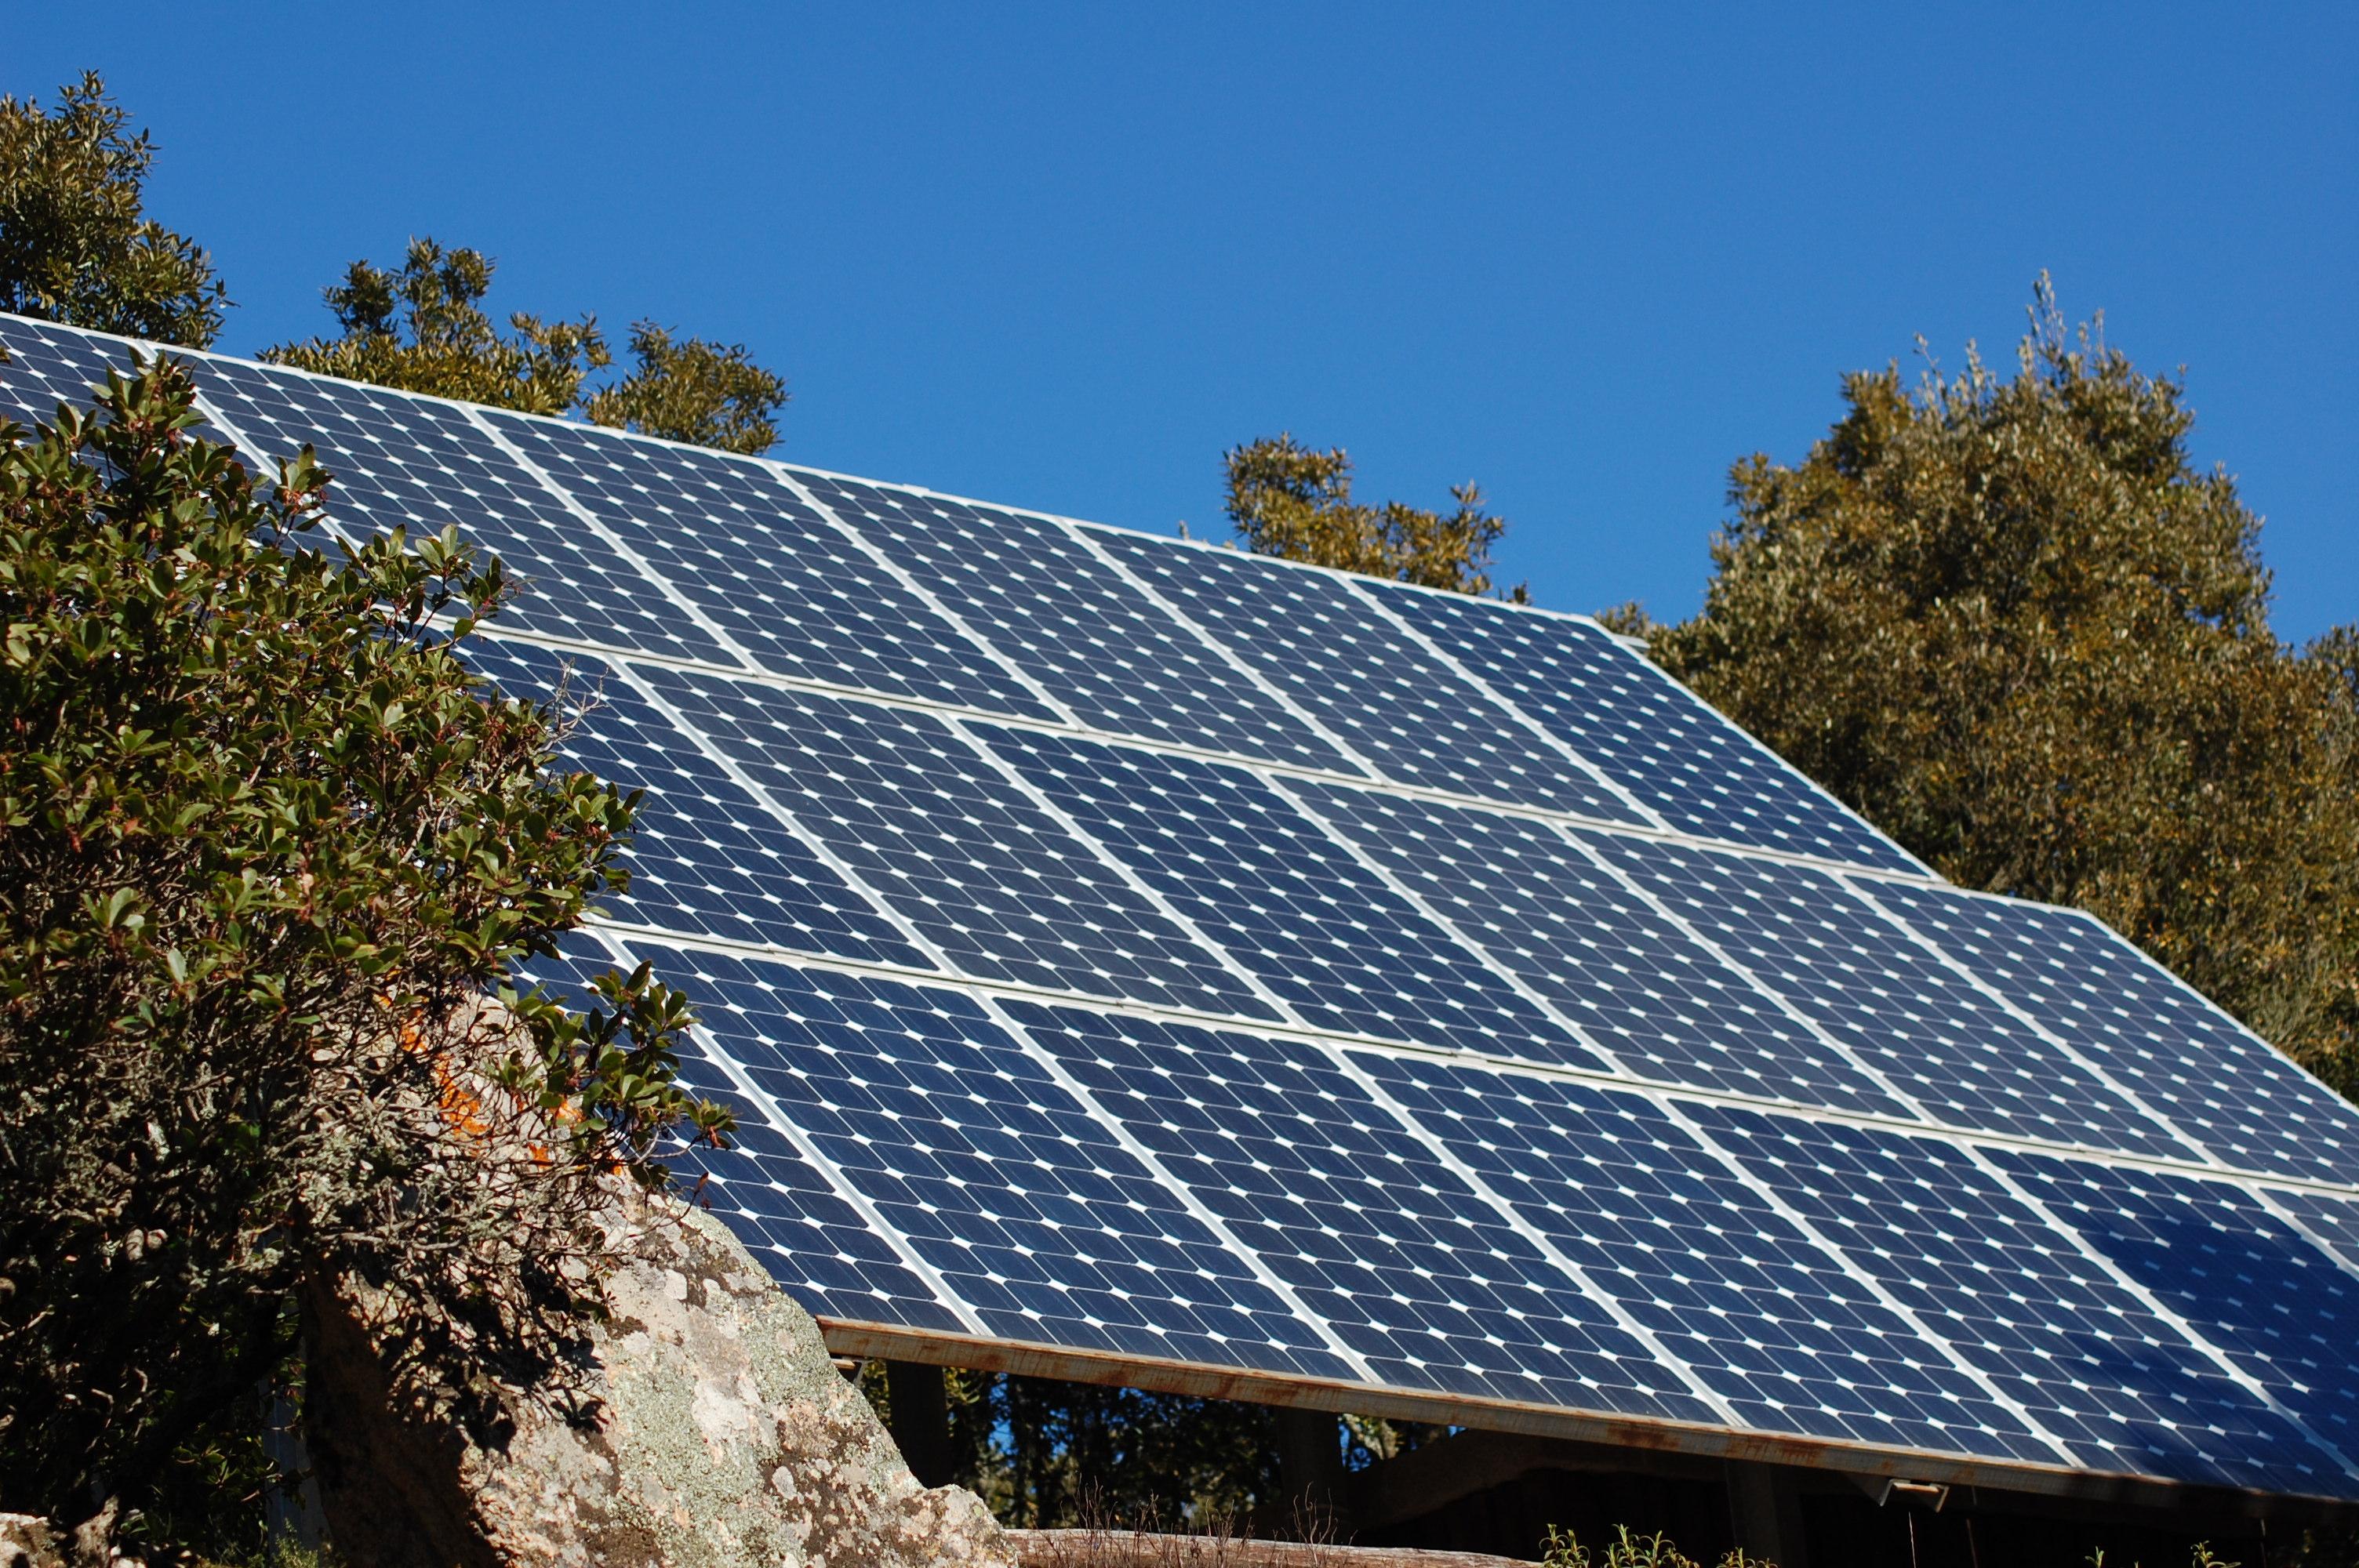 Pannello Solare Hermann : Ancora in crescita la produzione energetica da fonte